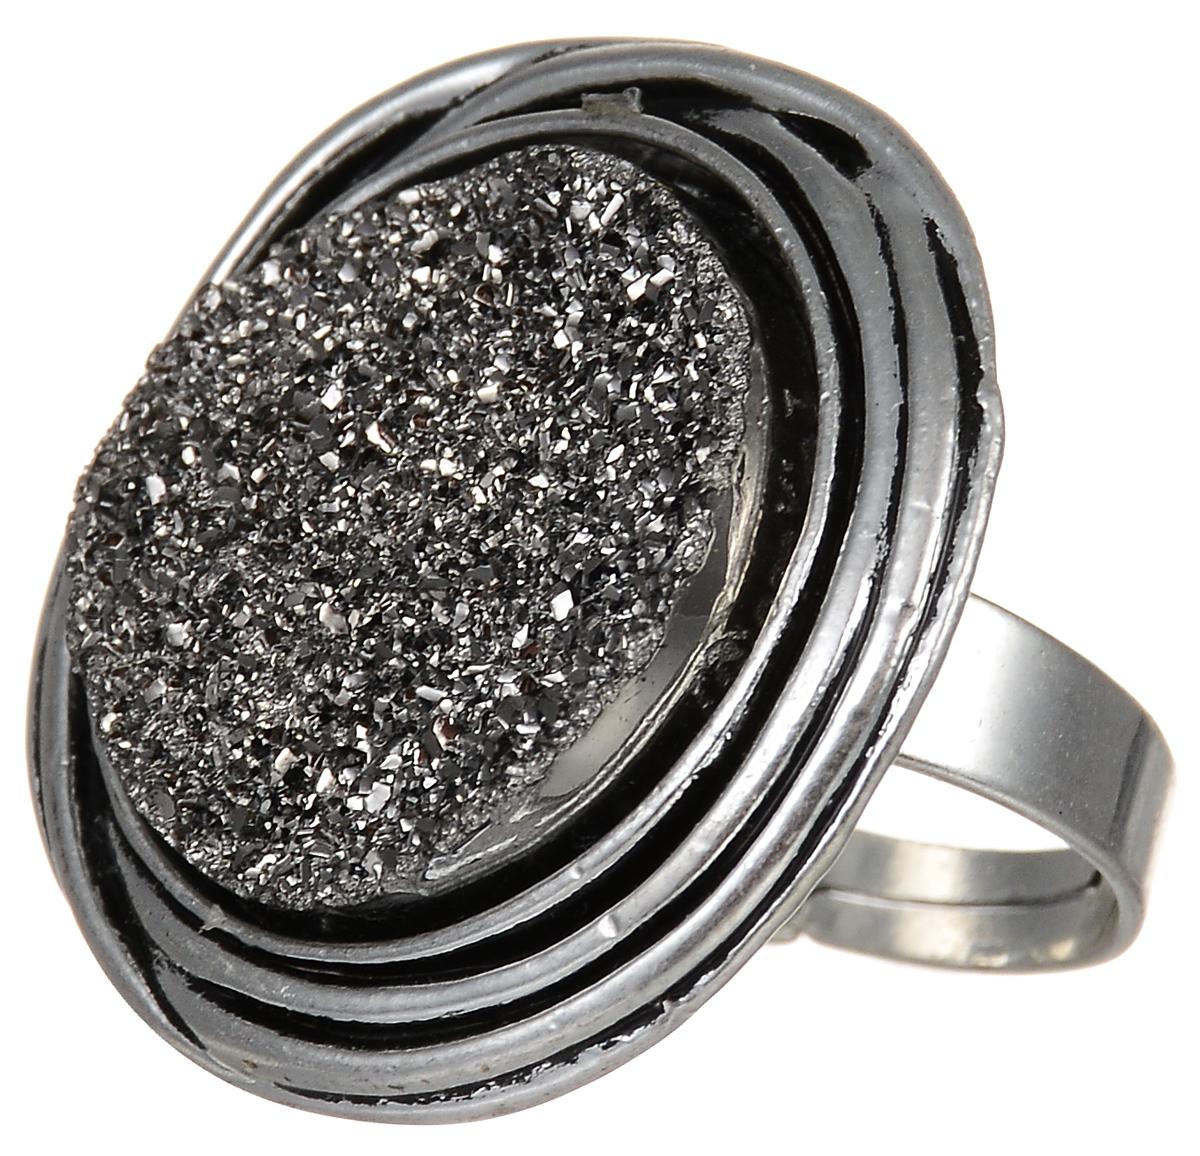 Кольцо Fashion House Звездный Бархат, цвет: серебряныйЗвёздный Бархат серебряное (размер универсальный)Оригинальное кольцо Fashion House Звездный Бархат выполнено из метала, с серебристым покрытием. Декоративный элемент в виде круга оформлен серебристым напылением. Такое кольцо позволит вам с легкостью воплотить самую смелую фантазию и создать собственный, неповторимый образ. Диаметр декоративного элемента: 3,7 см. Размер кольца: безразмерное.